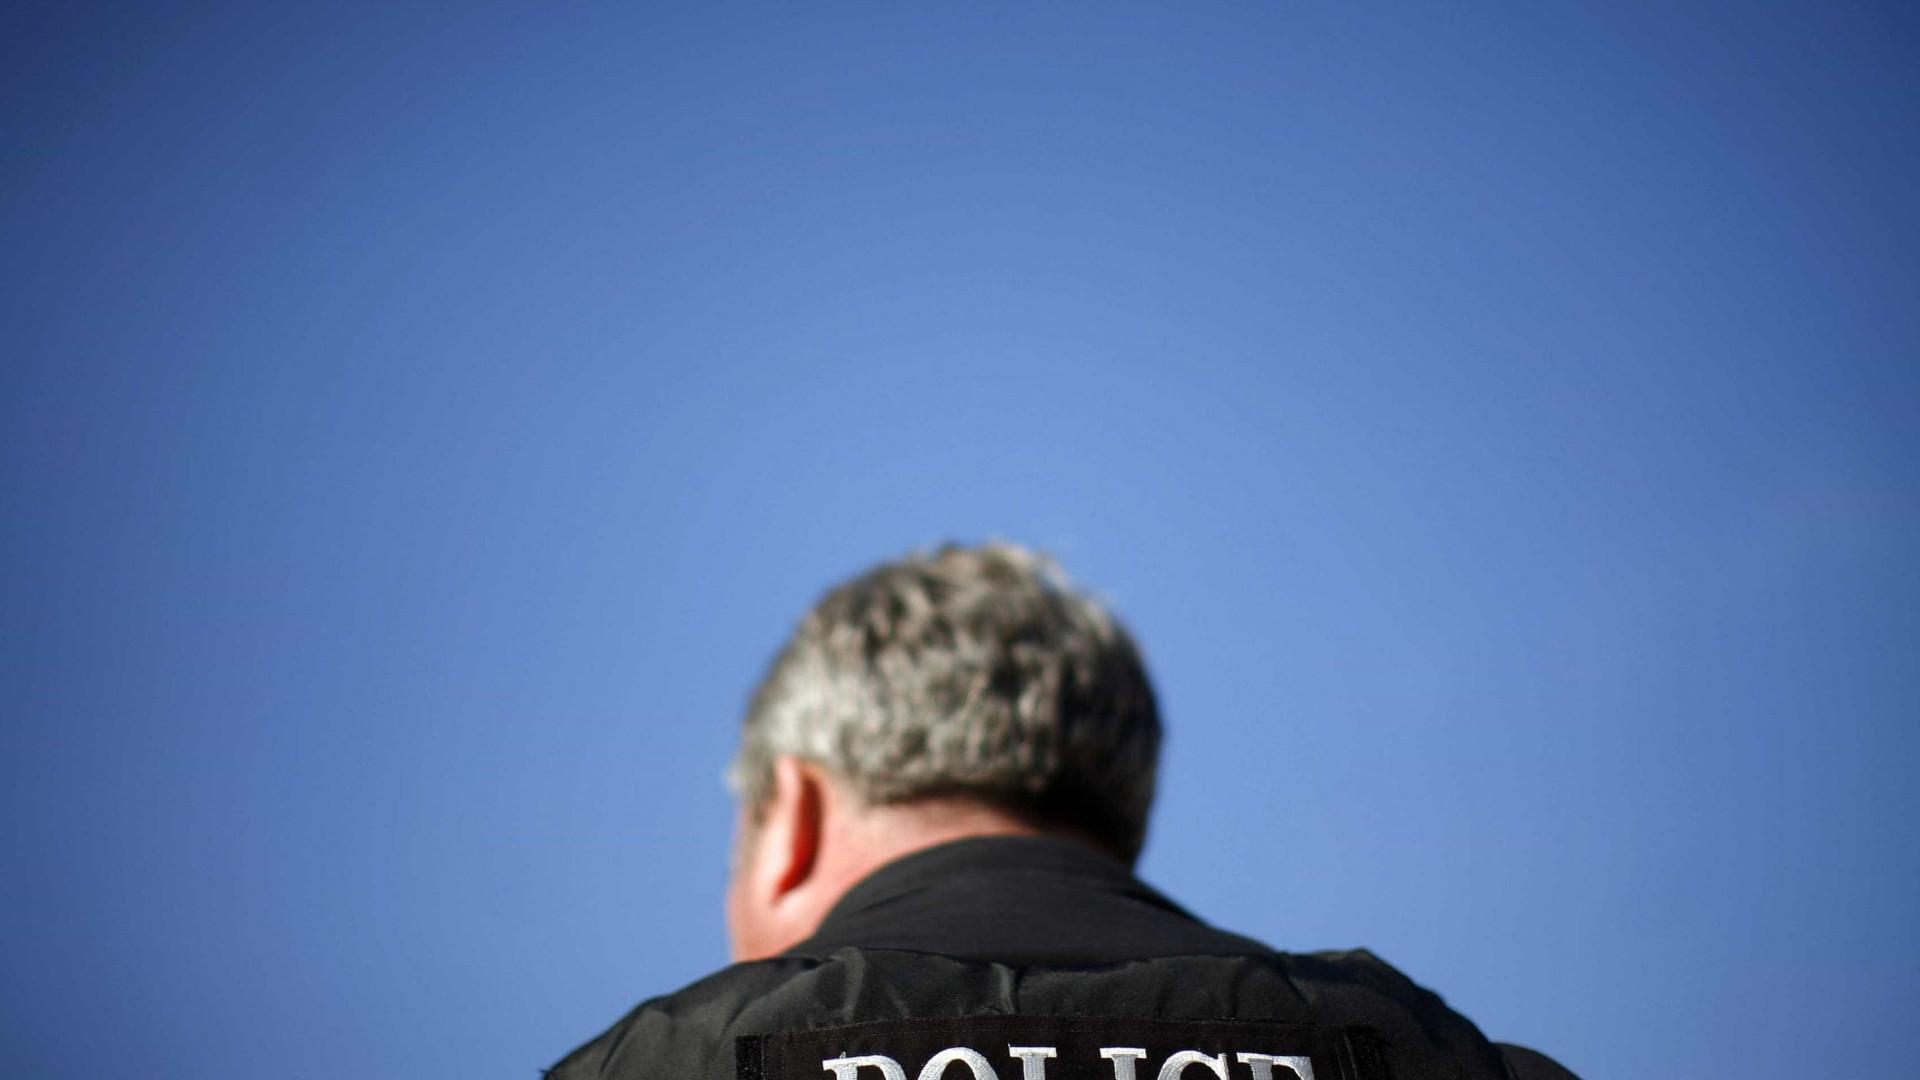 Homem alcoolizado e drogado pediu direções à polícia. Acabou na cadeia